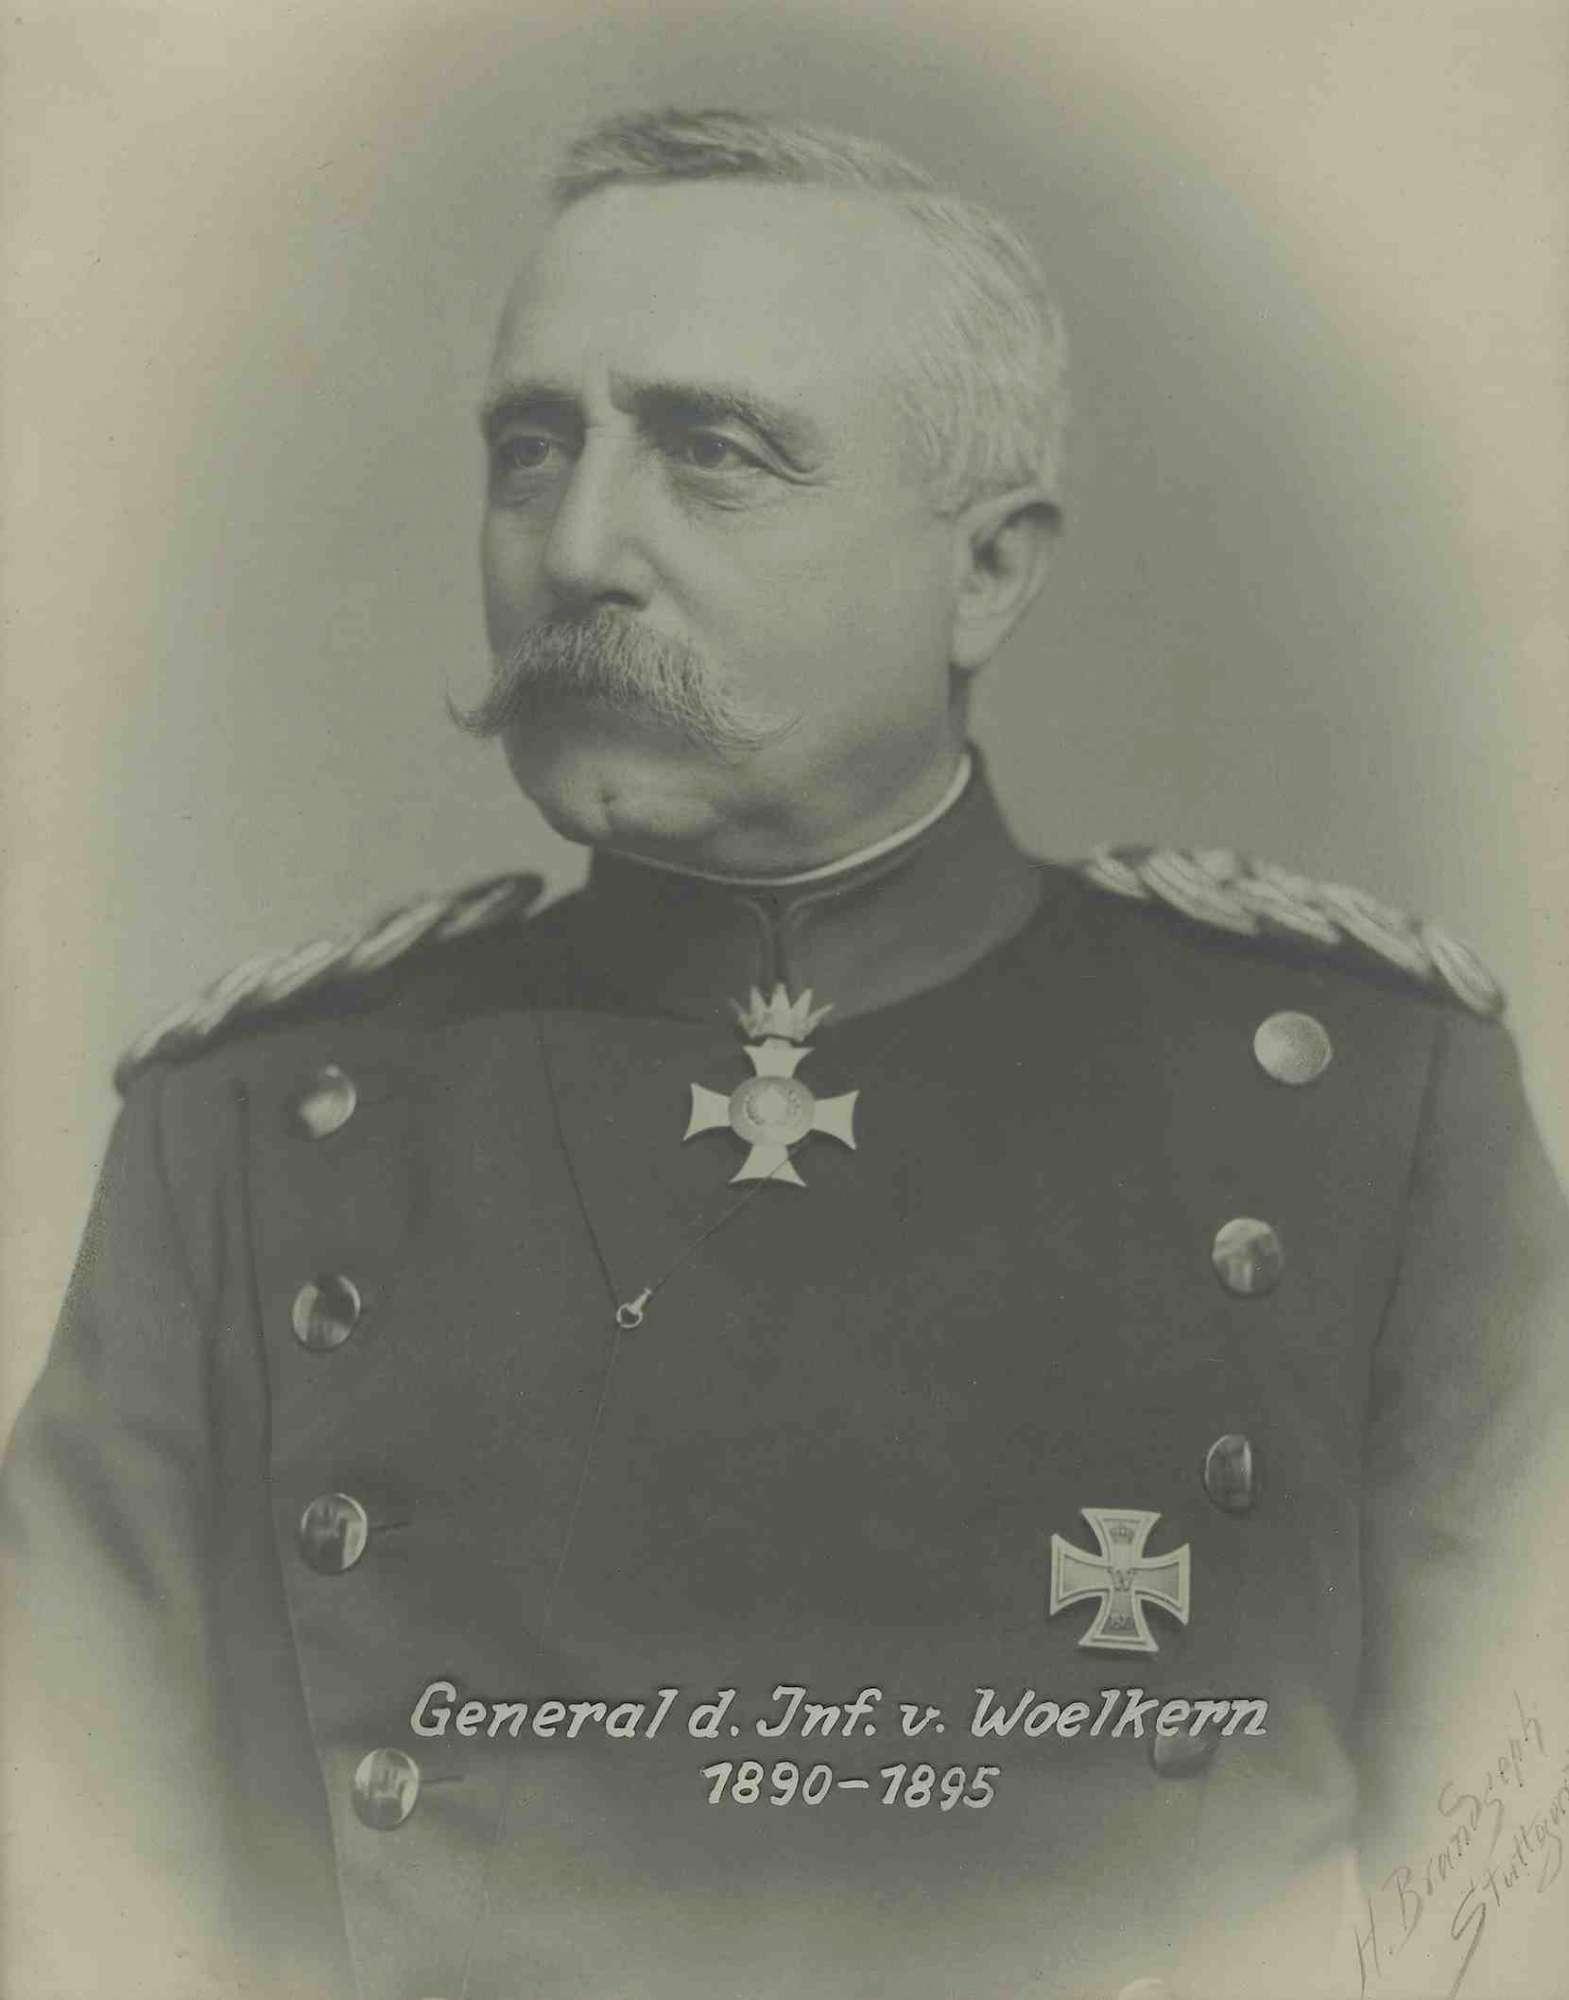 Wilhelm von Woelkern, General der Infanterie, Kommandeur des XIII. Armeekorps von 1890-1895 in Uniform mit Orden, Brustbild in Halbprofil, Bild 1